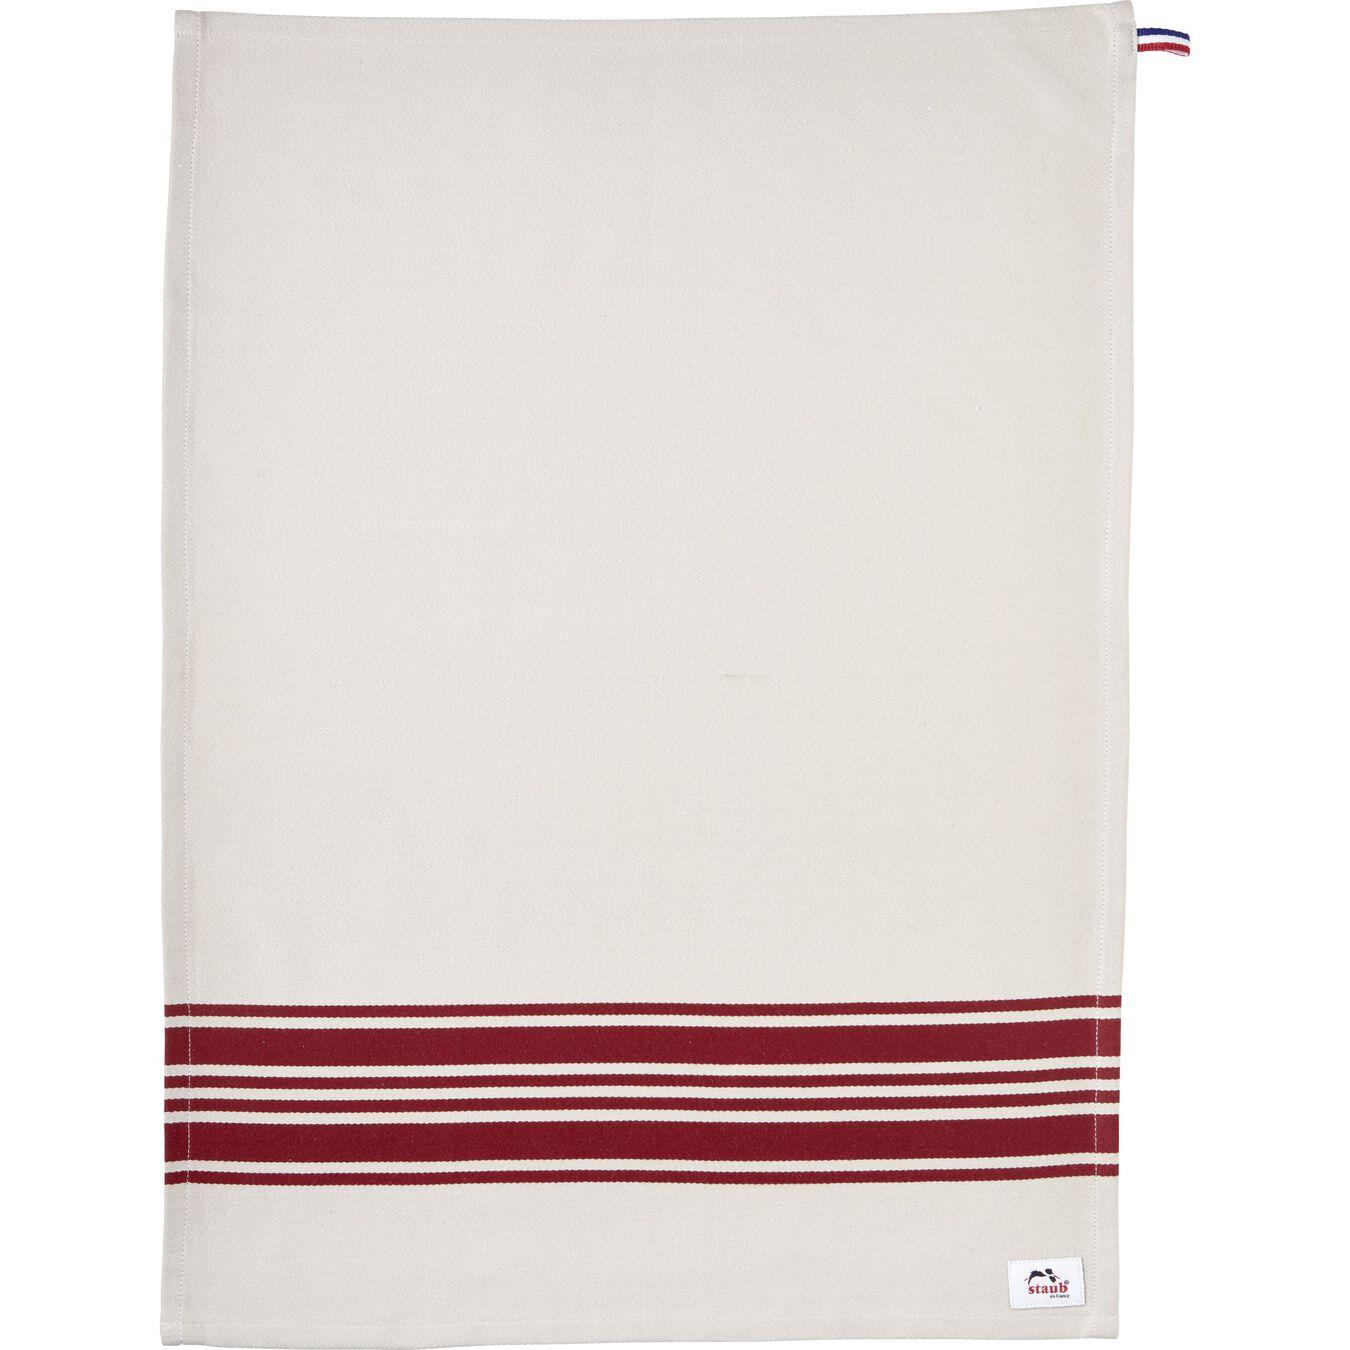 70 cm x 50 cm Kitchen towel, cherry,,large 6